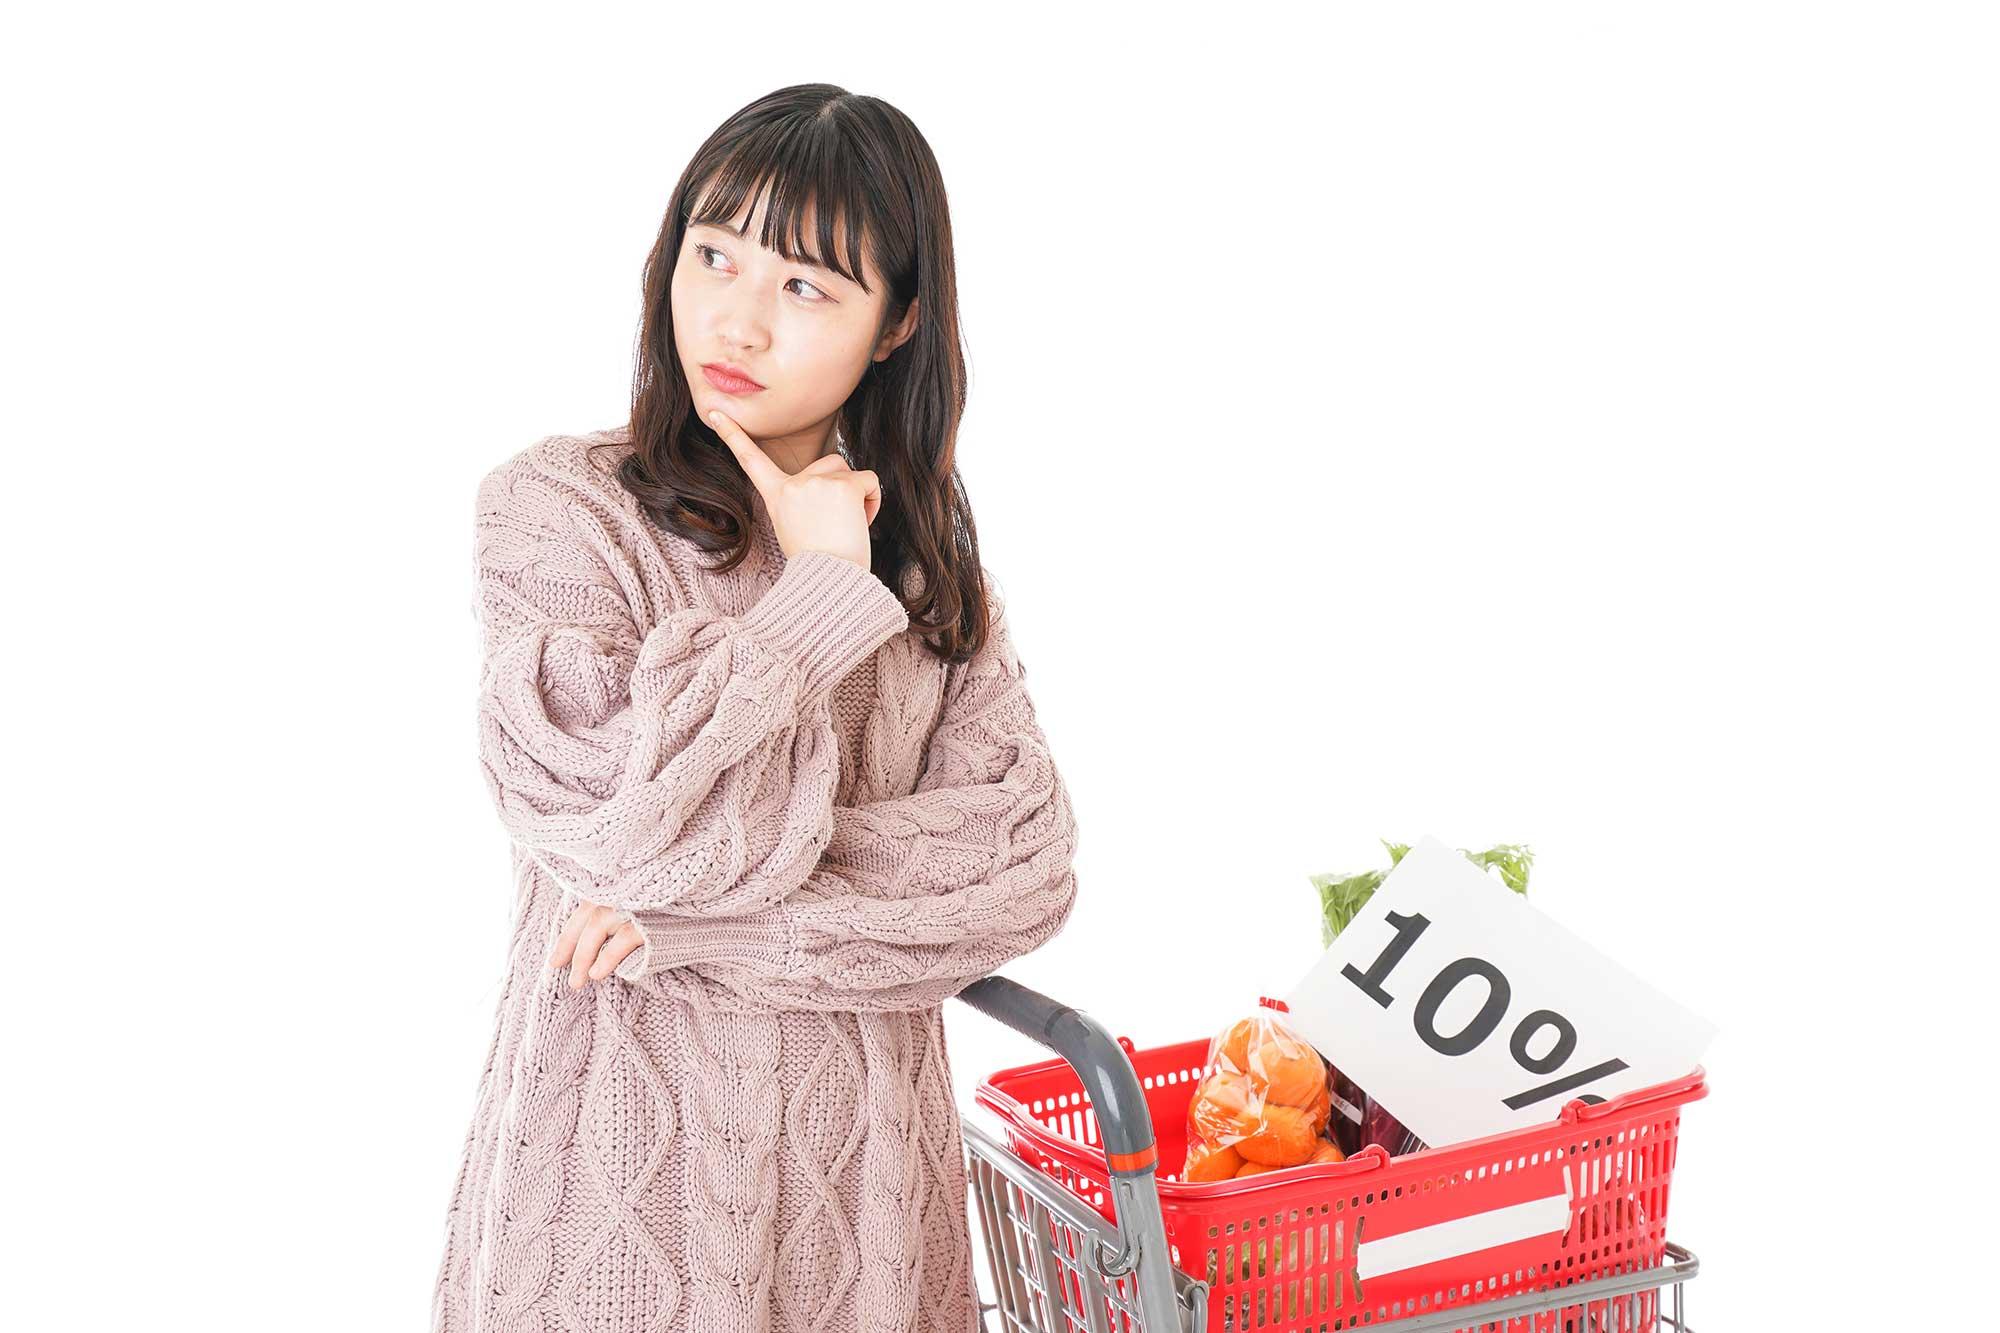 消費税増税による買い控えはお店の努力で乗り越える